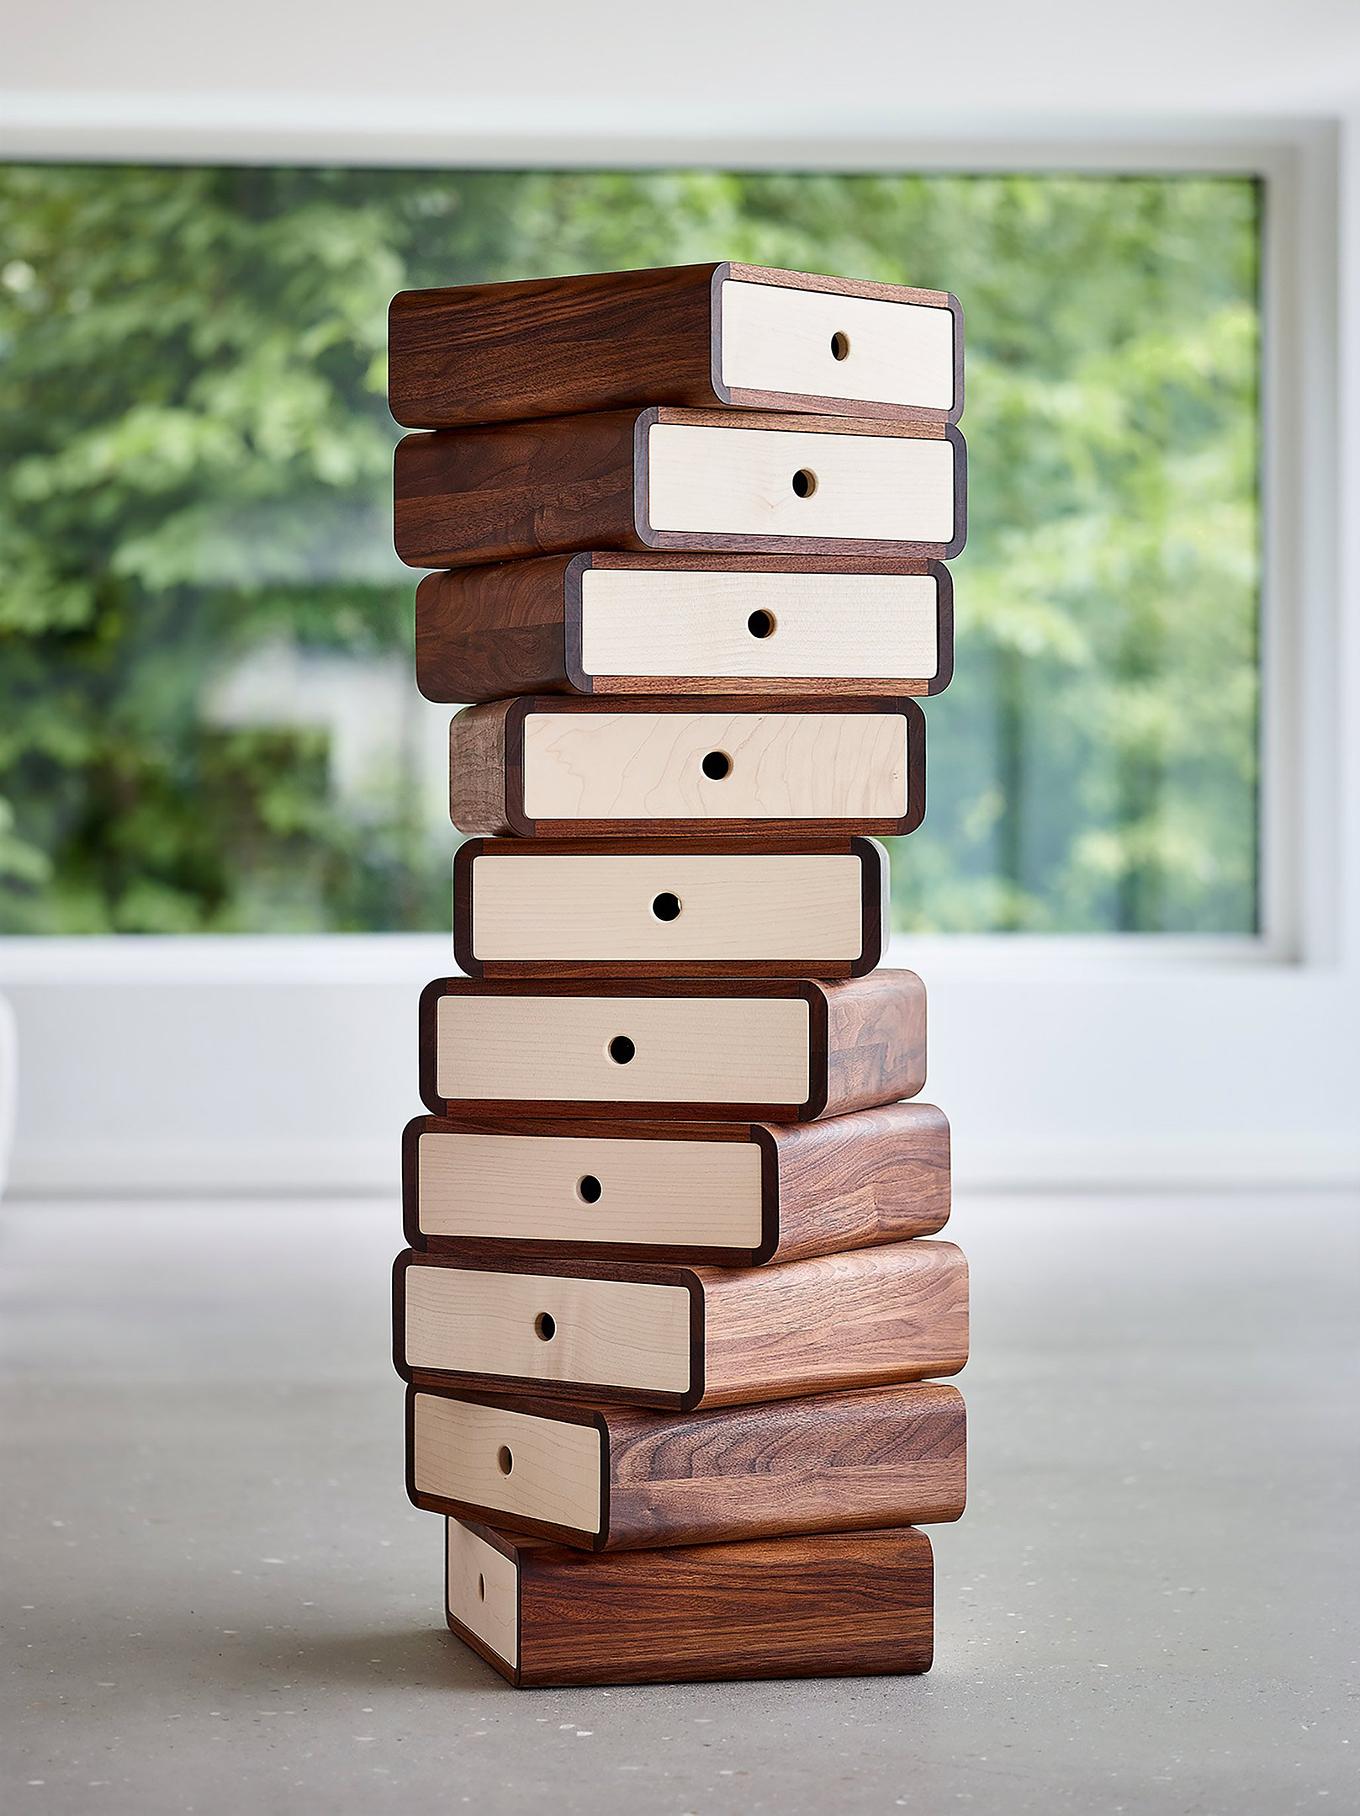 turning-boxes-by-hans-sandgren-jakobsen-2